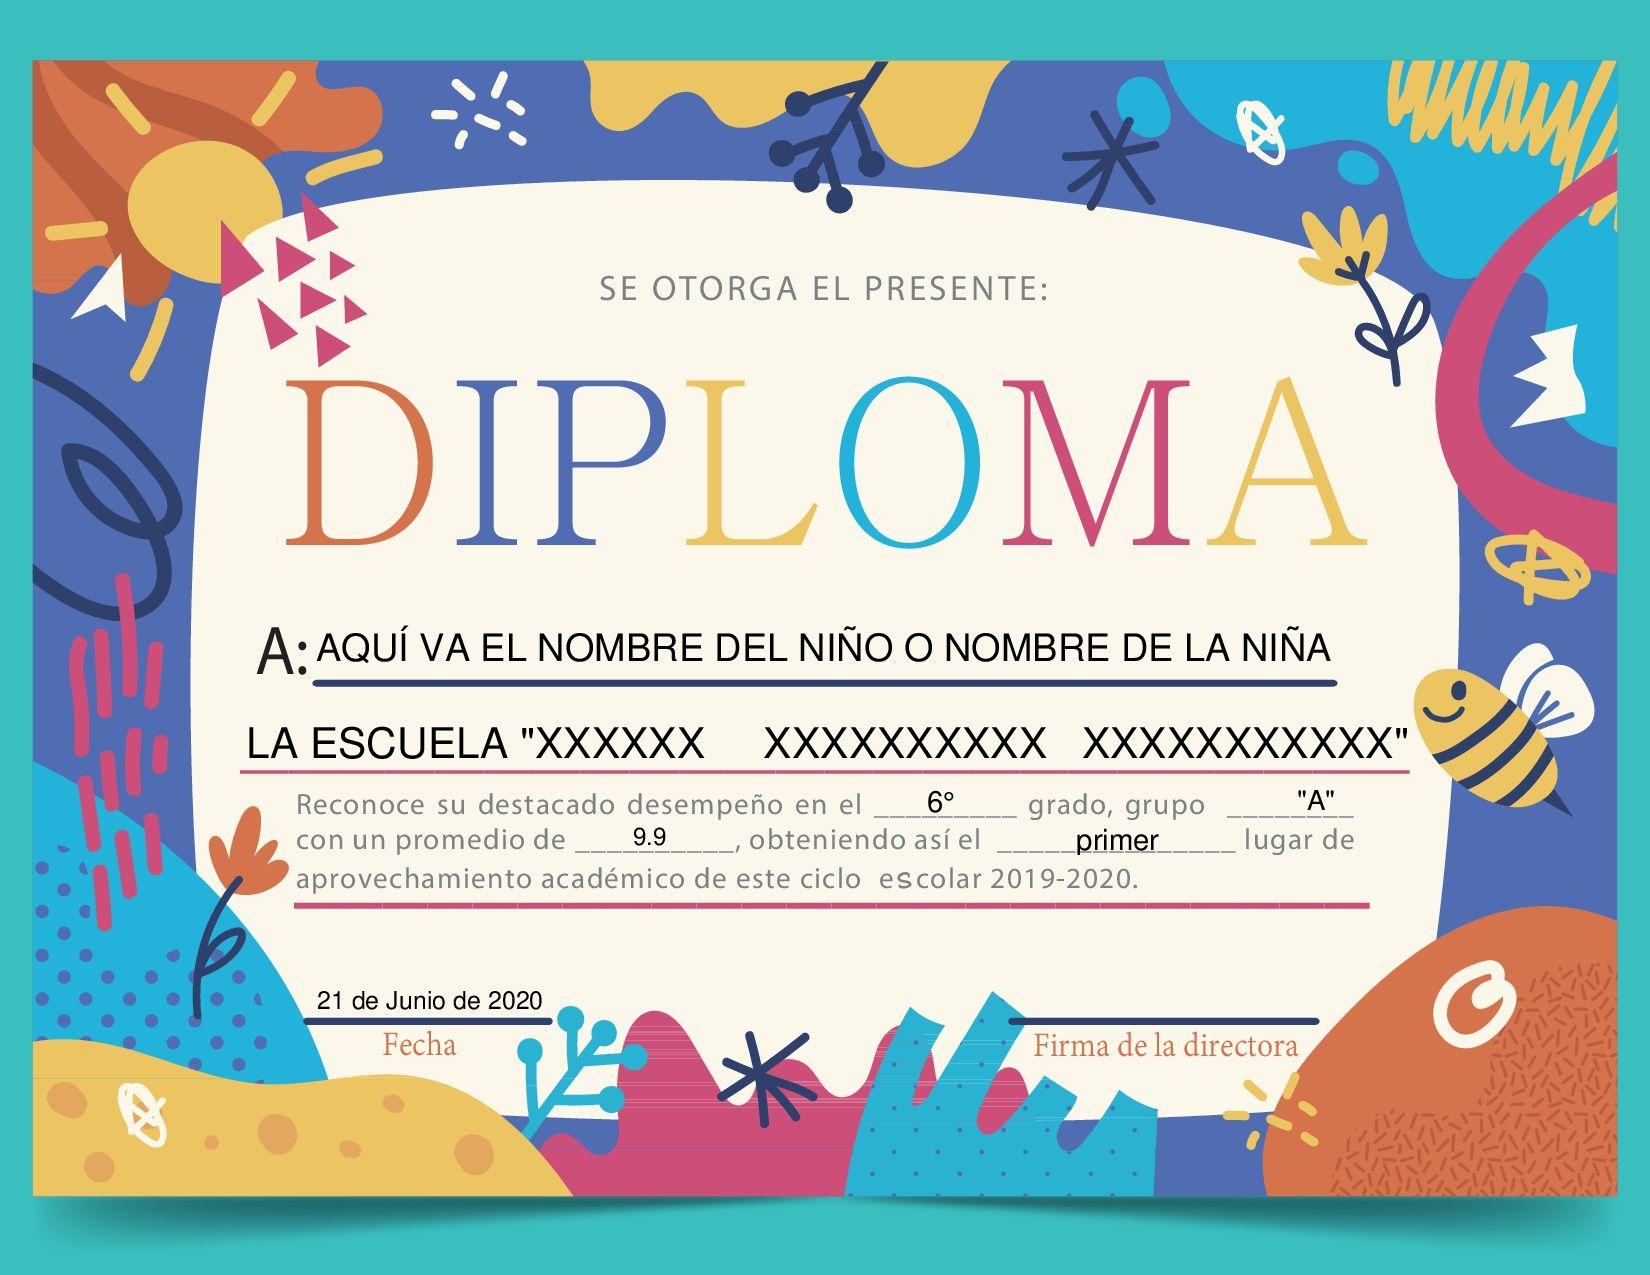 Diploma Naturaleza Diseno De Diplomas Formatos De Diplomas Diplomas Formatos de diplomas por aprovechamiento